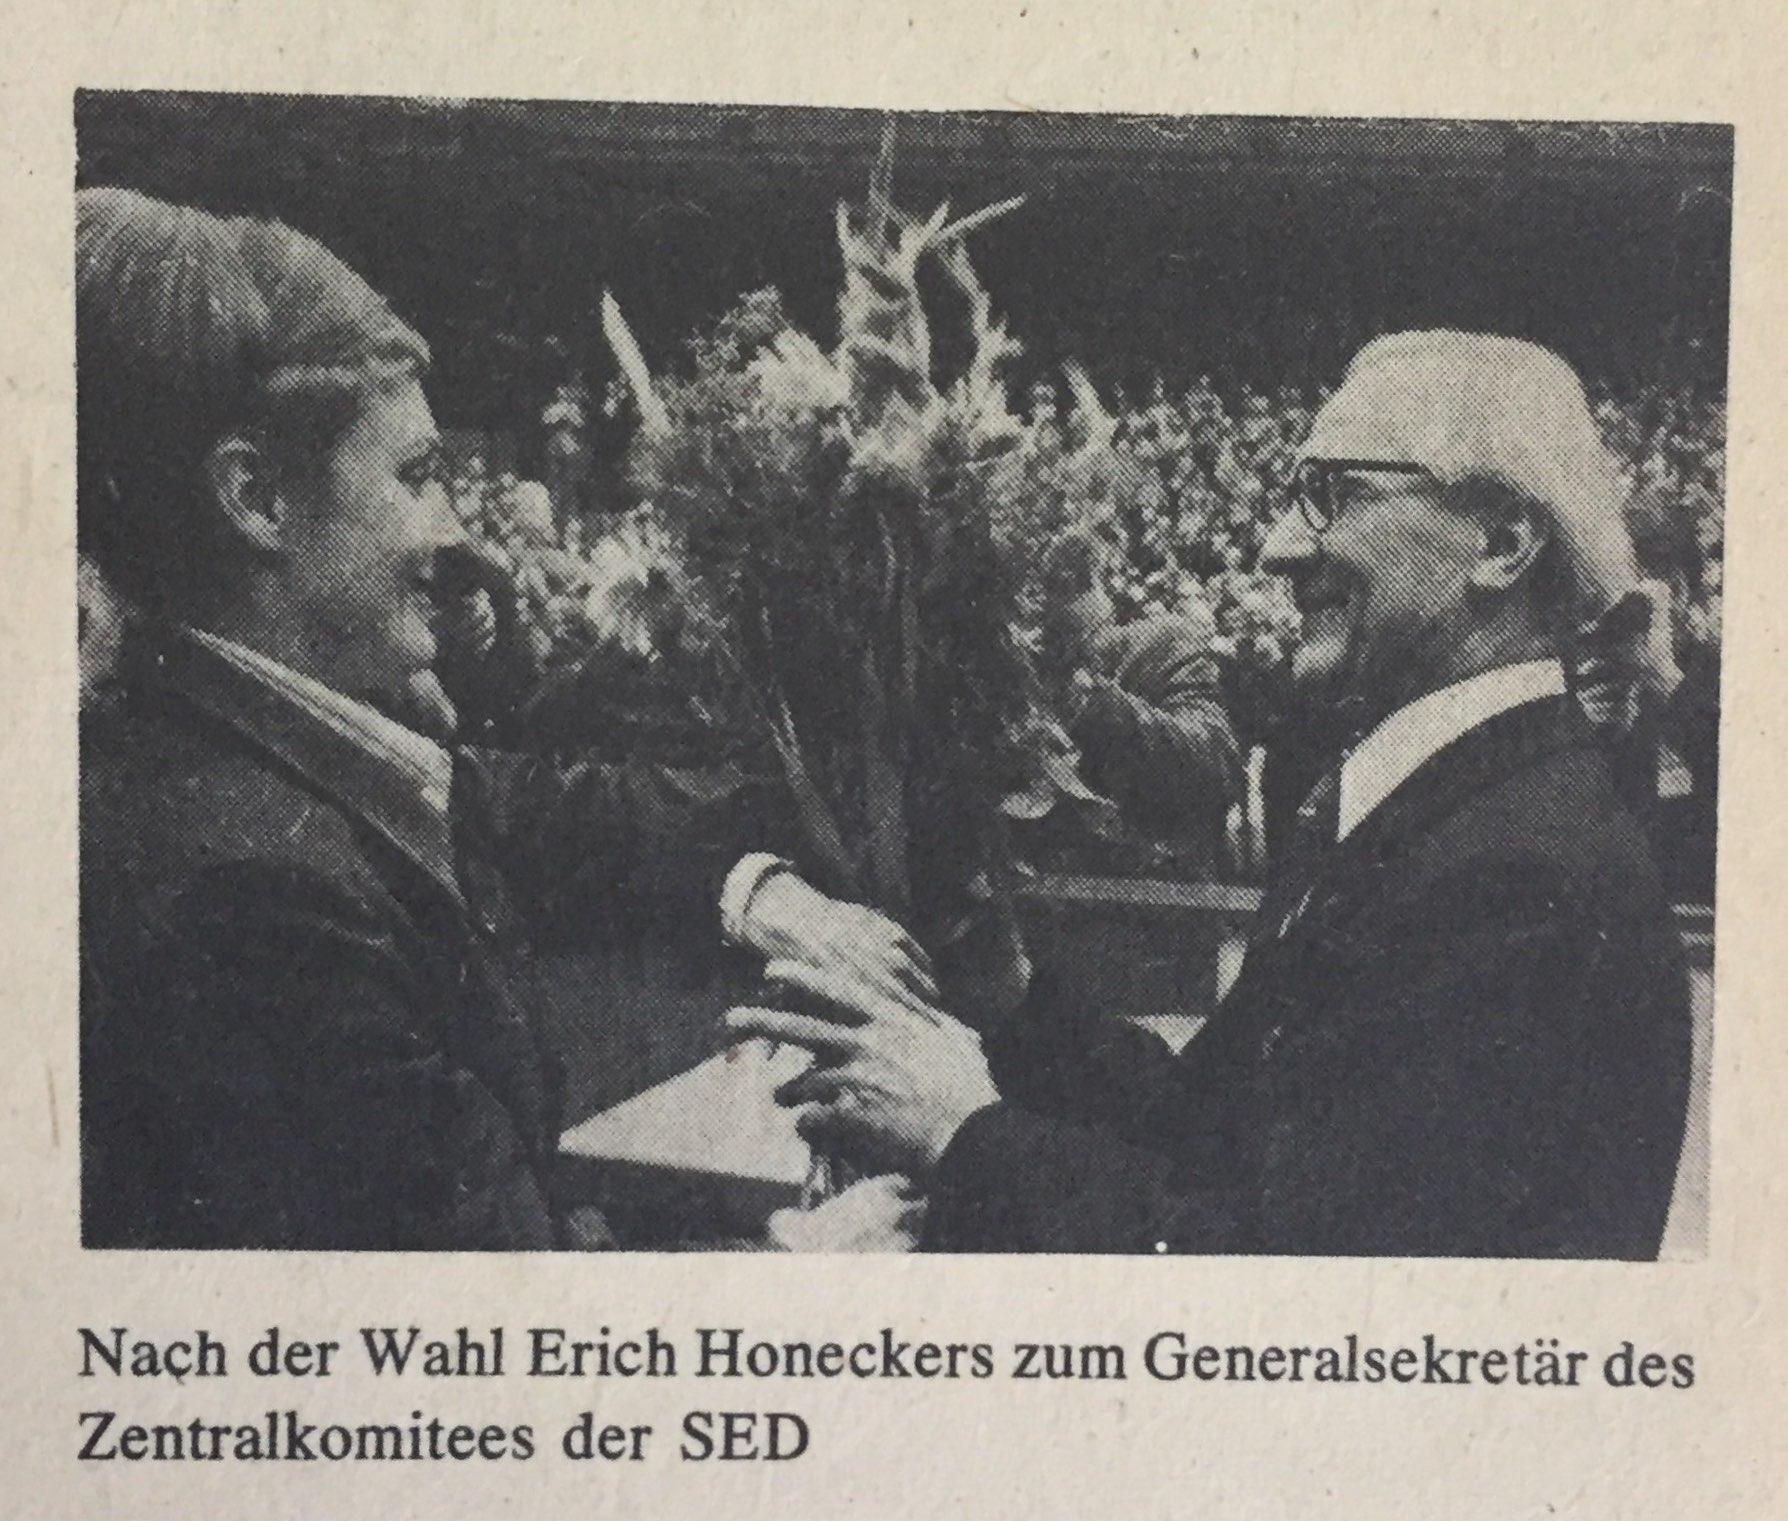 Der Wechsel von Walter Ulbricht zu Erich Honecker